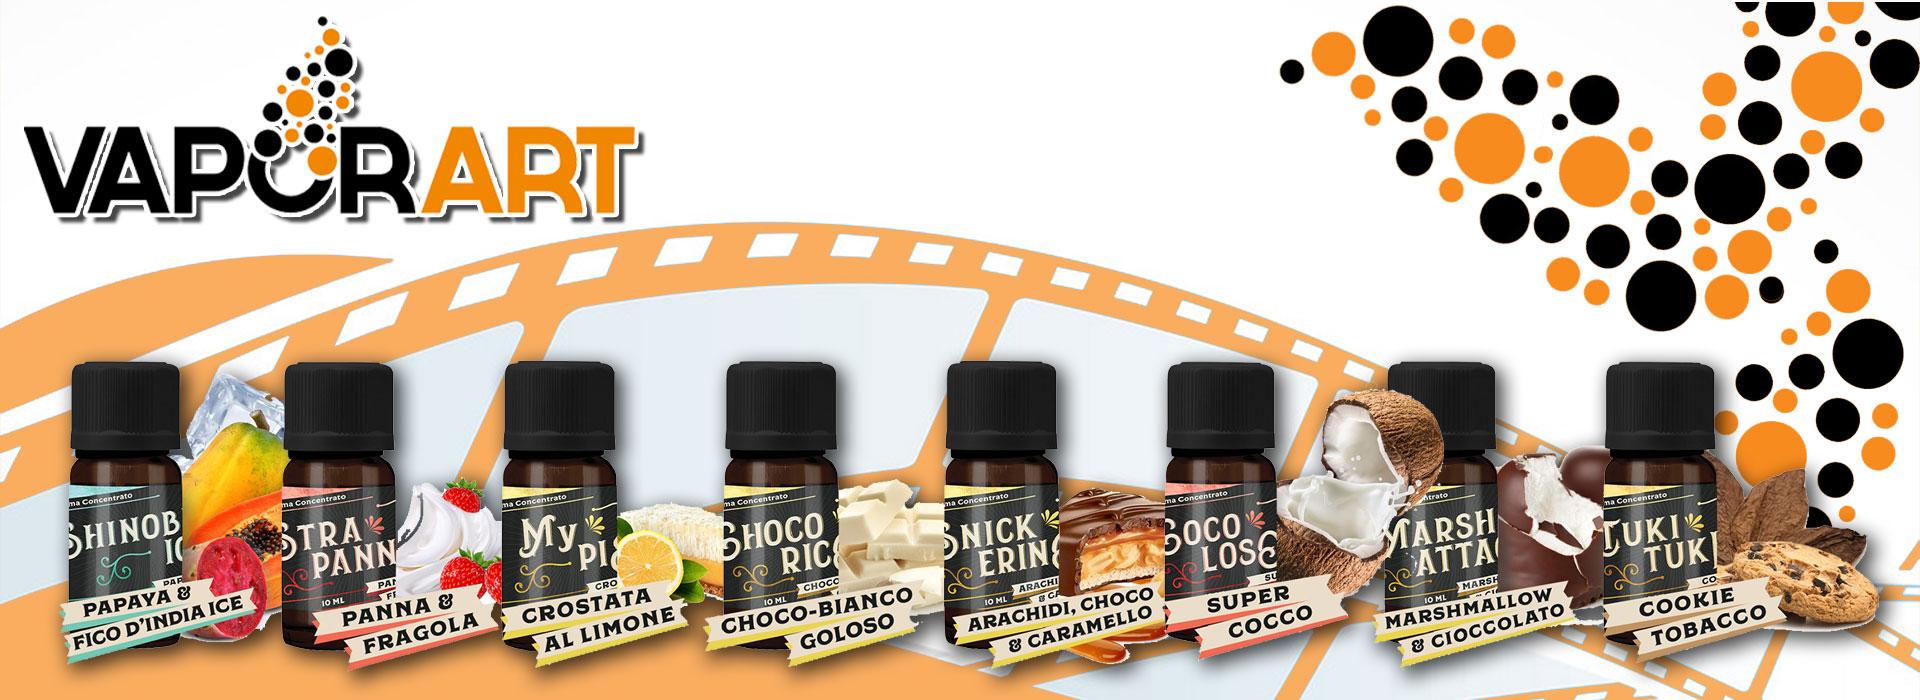 Aromi Vaporart Premium